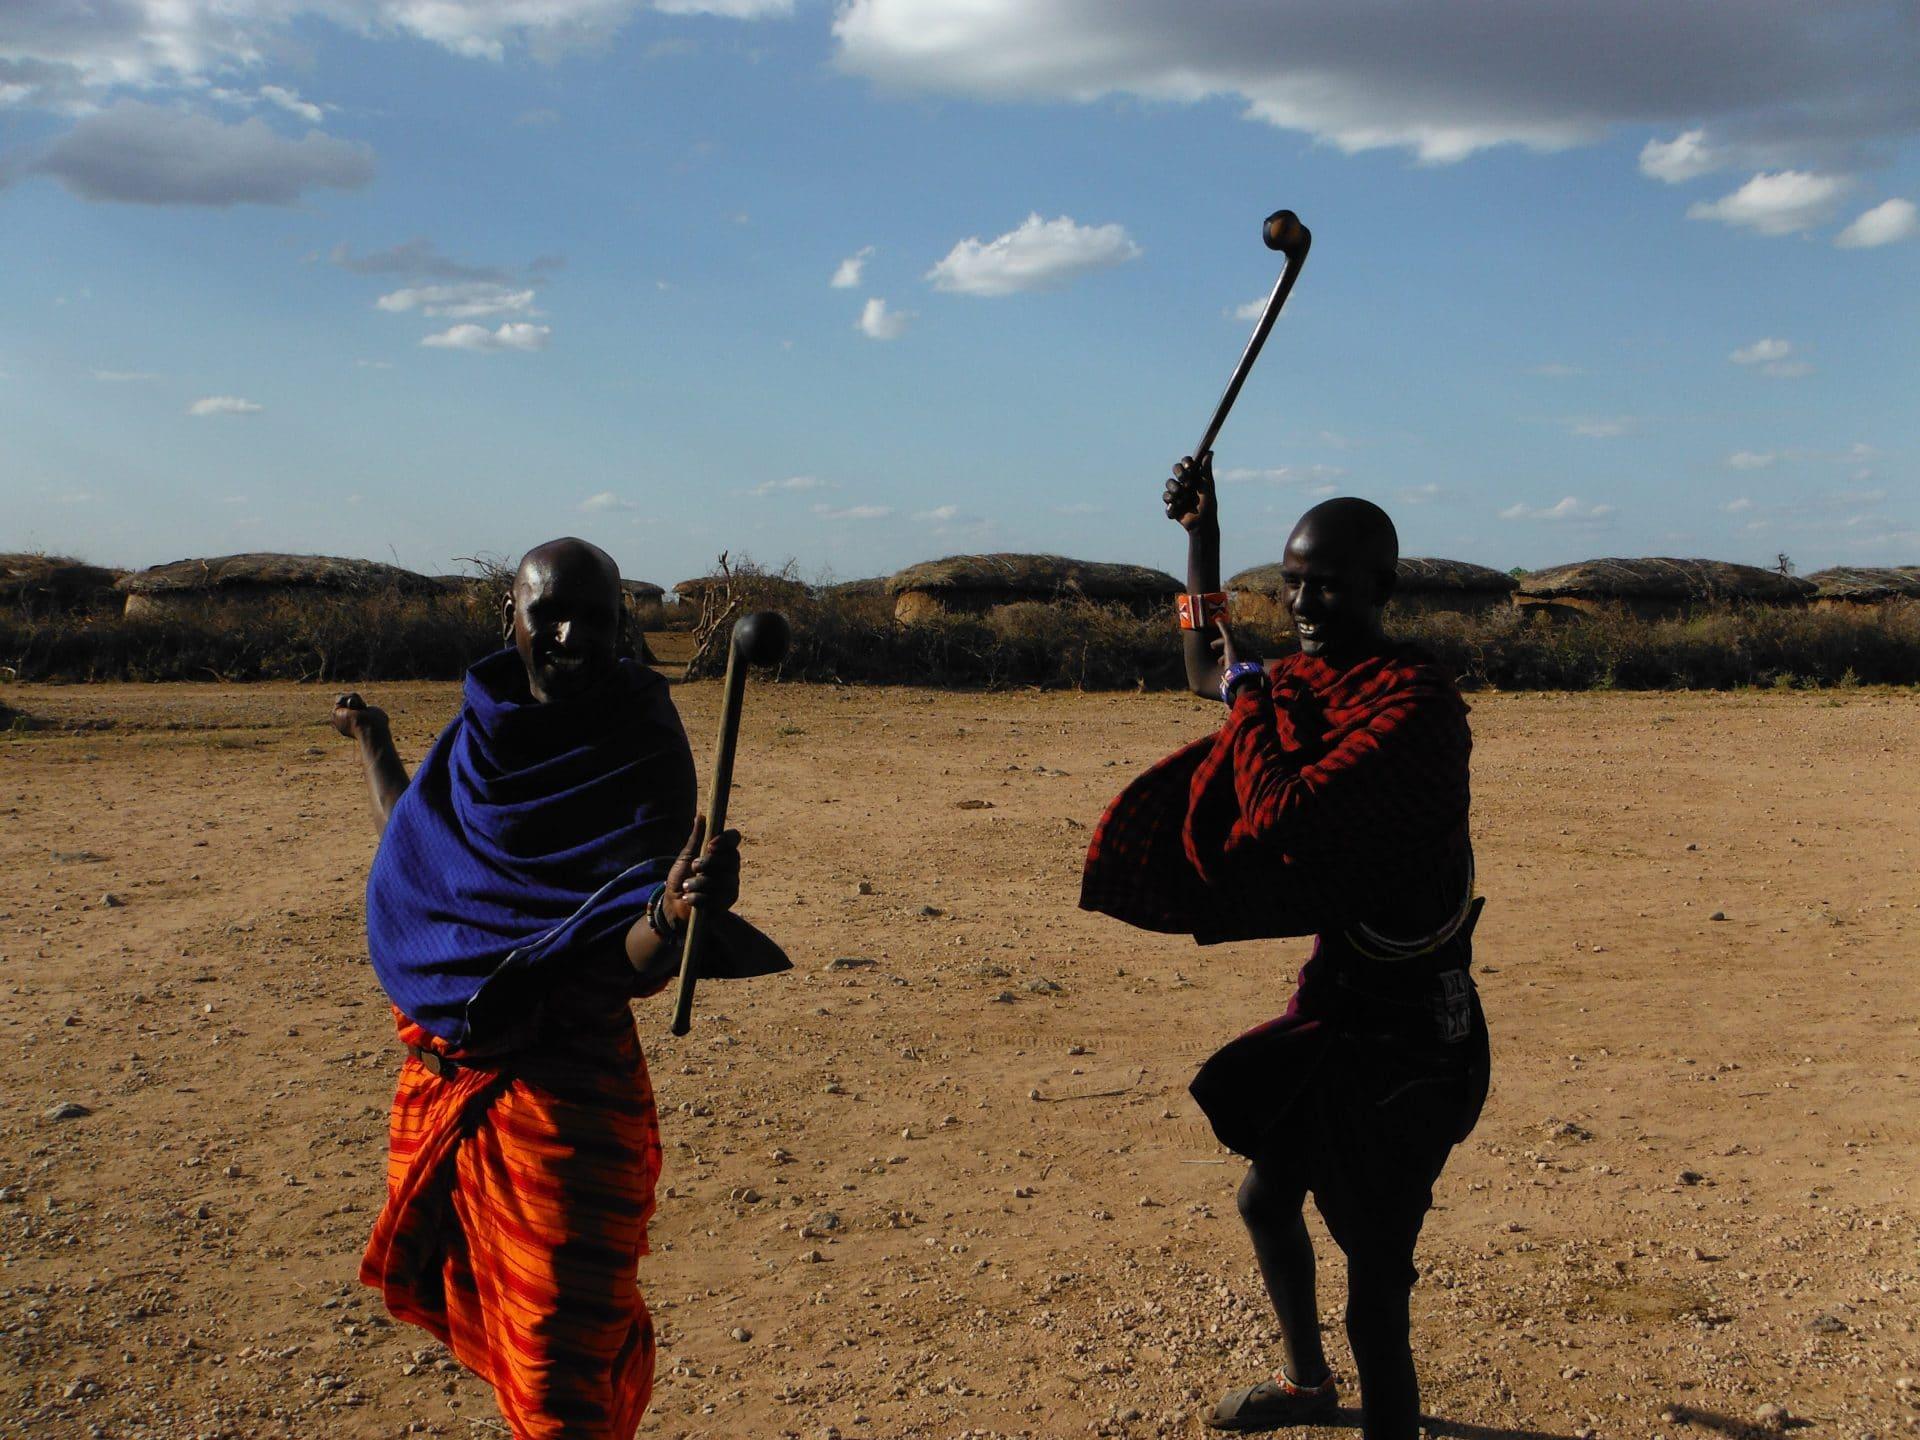 Afrique-kenya-reserve-stf-goyav